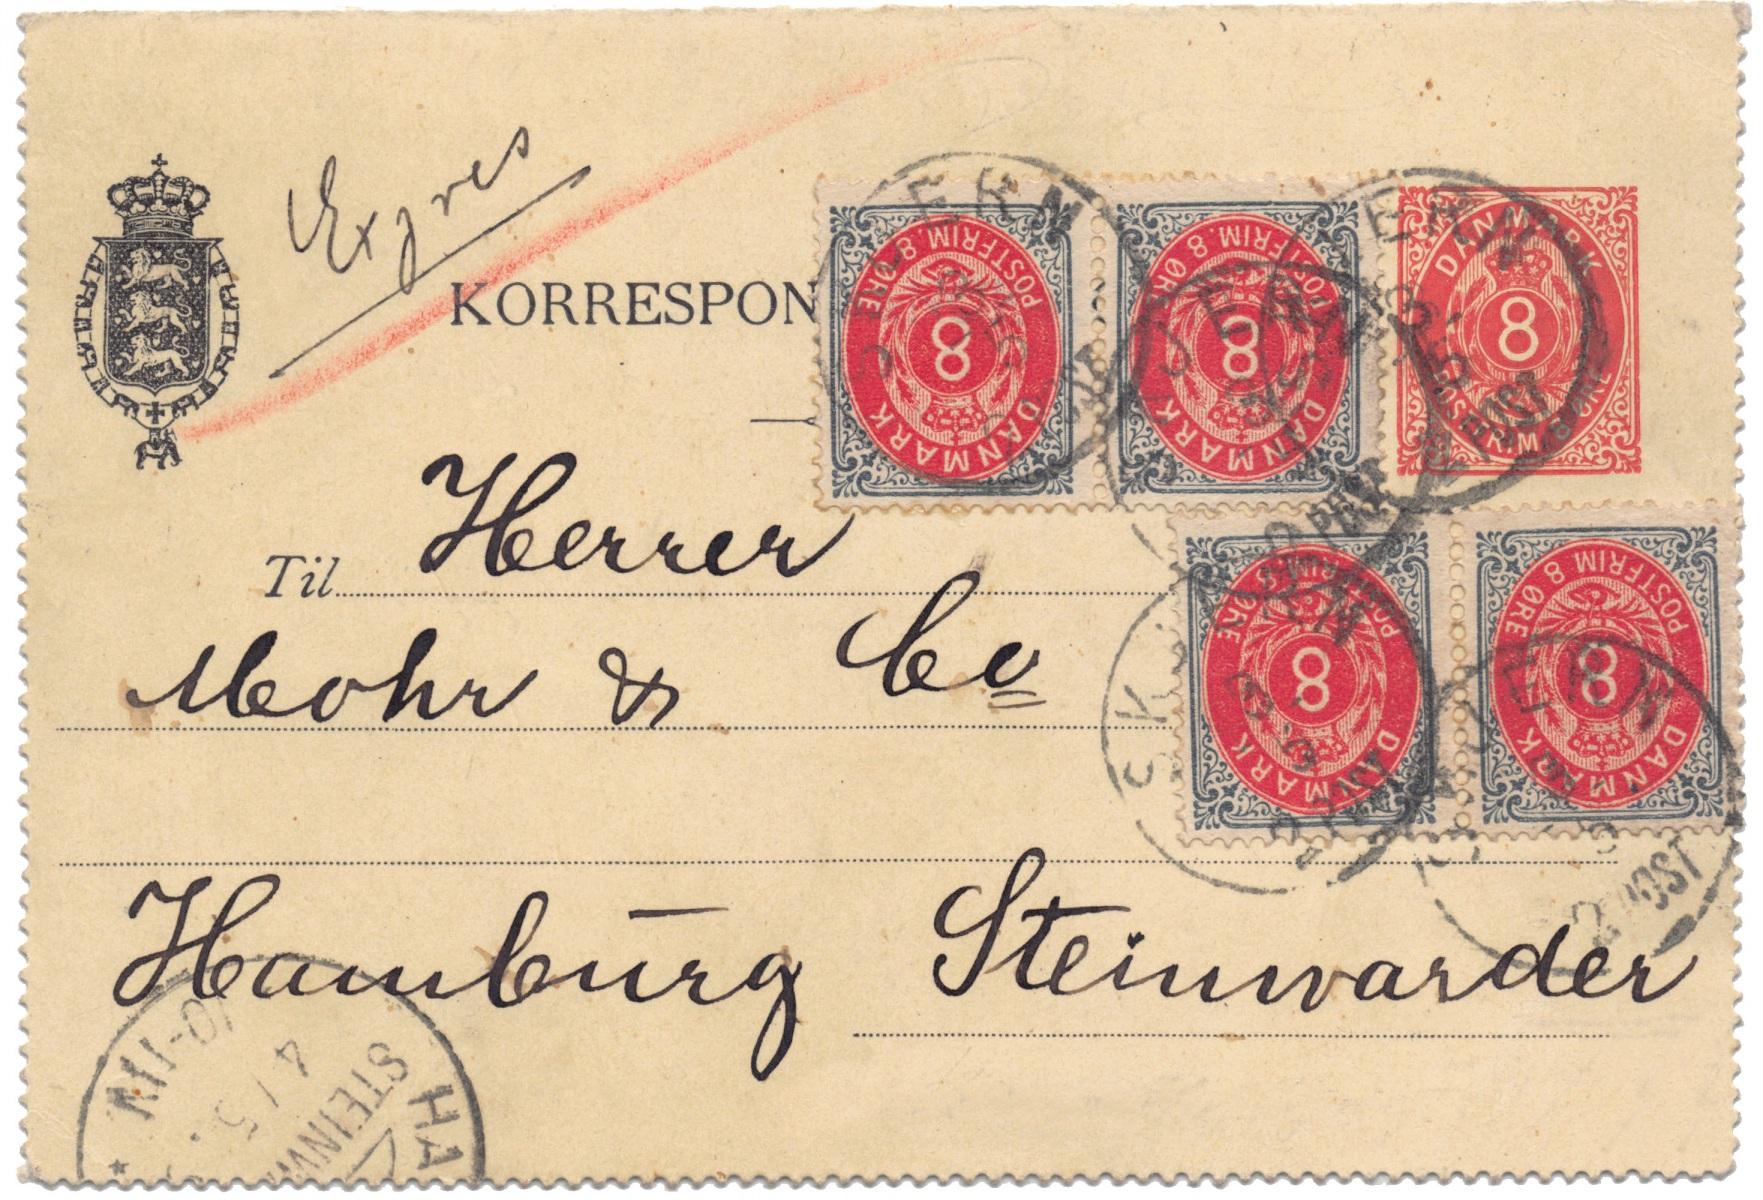 KK02-udenkant-opf-4x8oetr60-1892-LAP-Skjern-ANV-ekspres-roedkridt-udland-DEST-Tyskland-B001-OPT